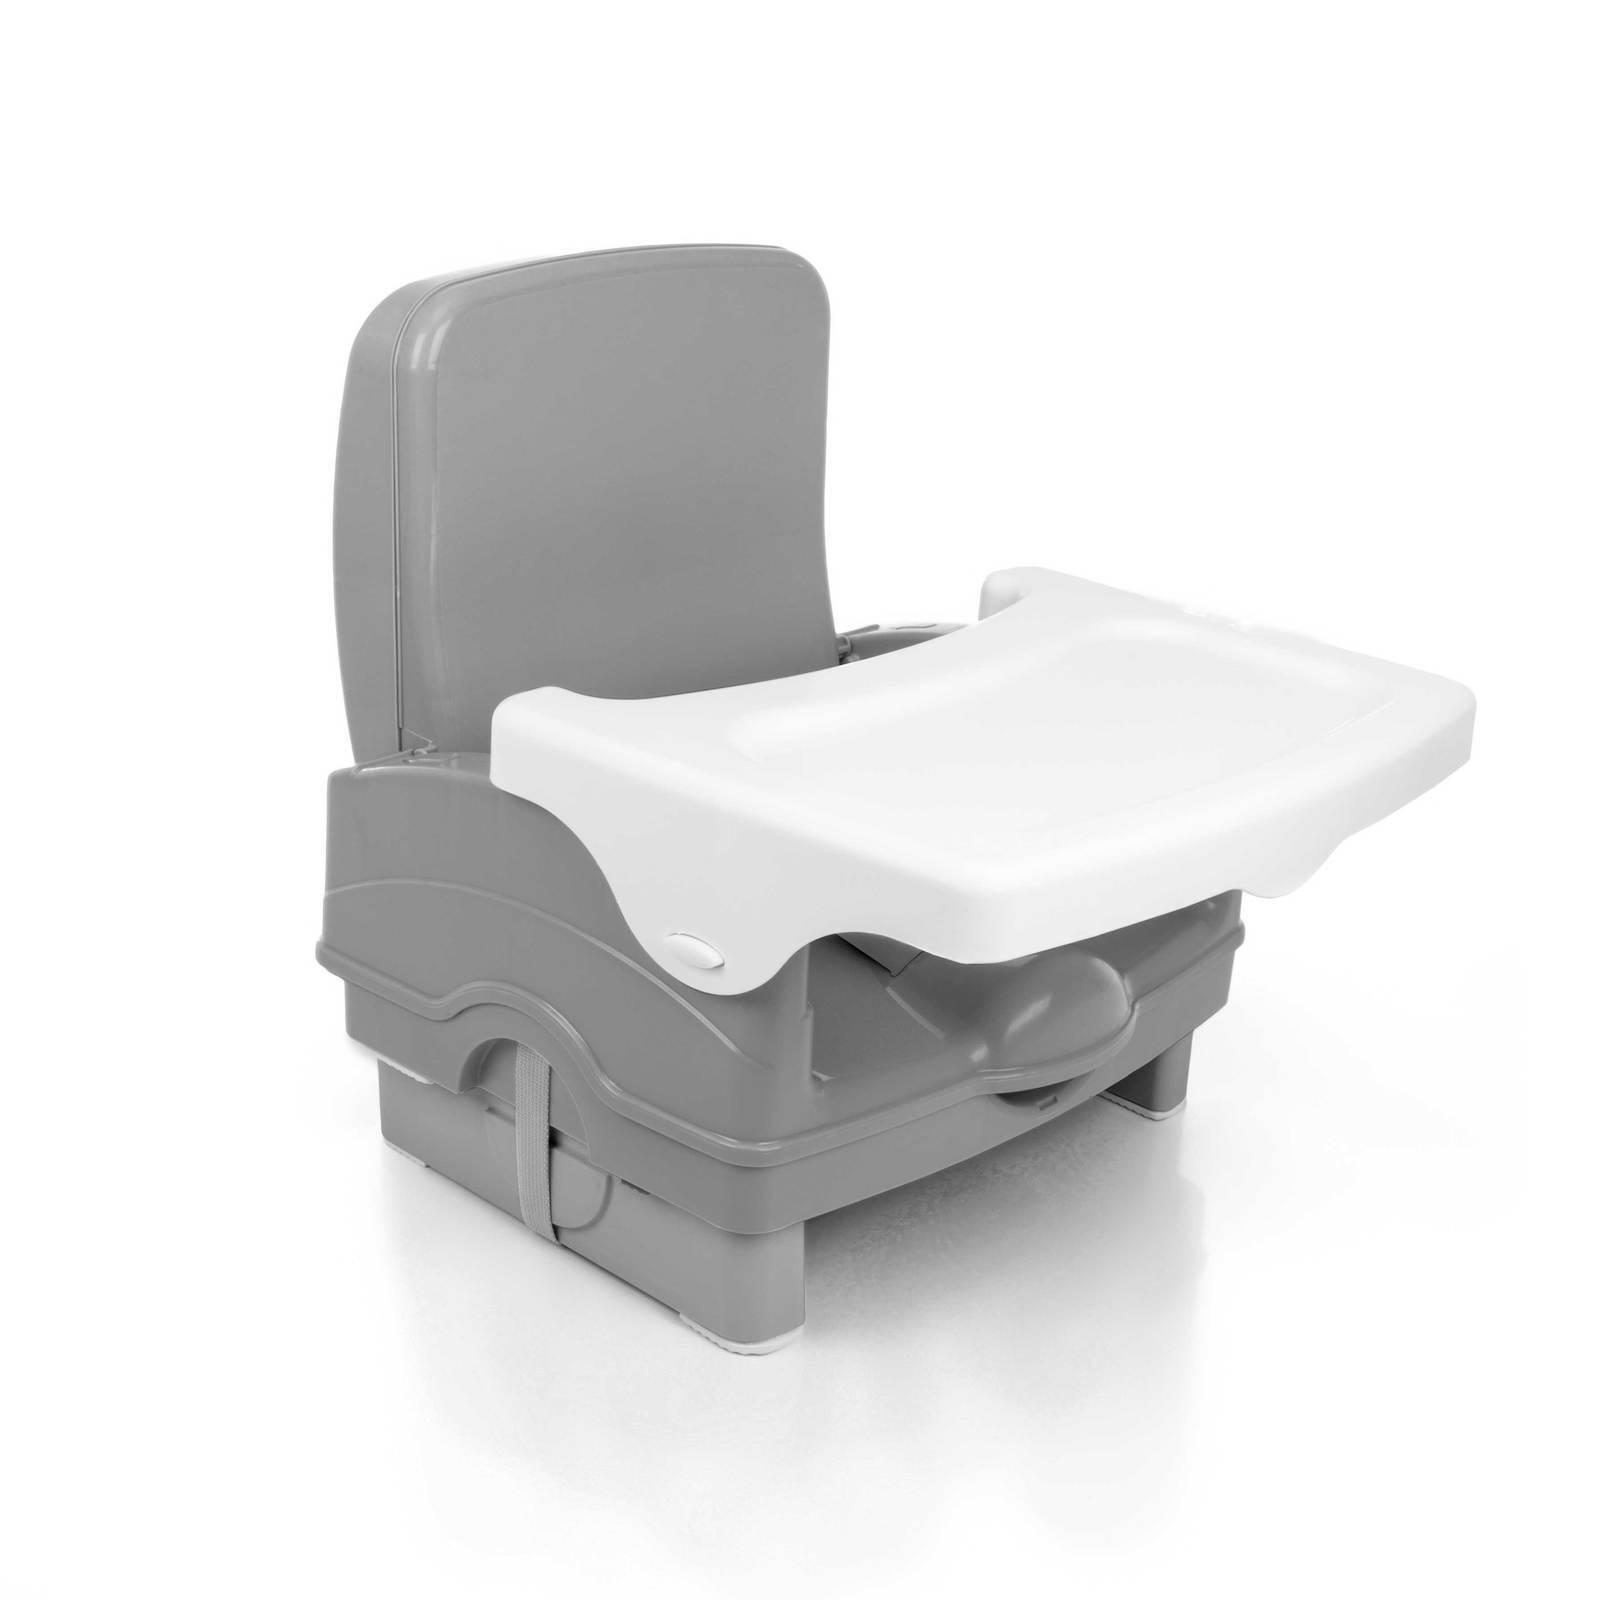 Cadeira de Alimentação Portátil - Voyage - Cake - Cinza - Suporta até 23 Kg